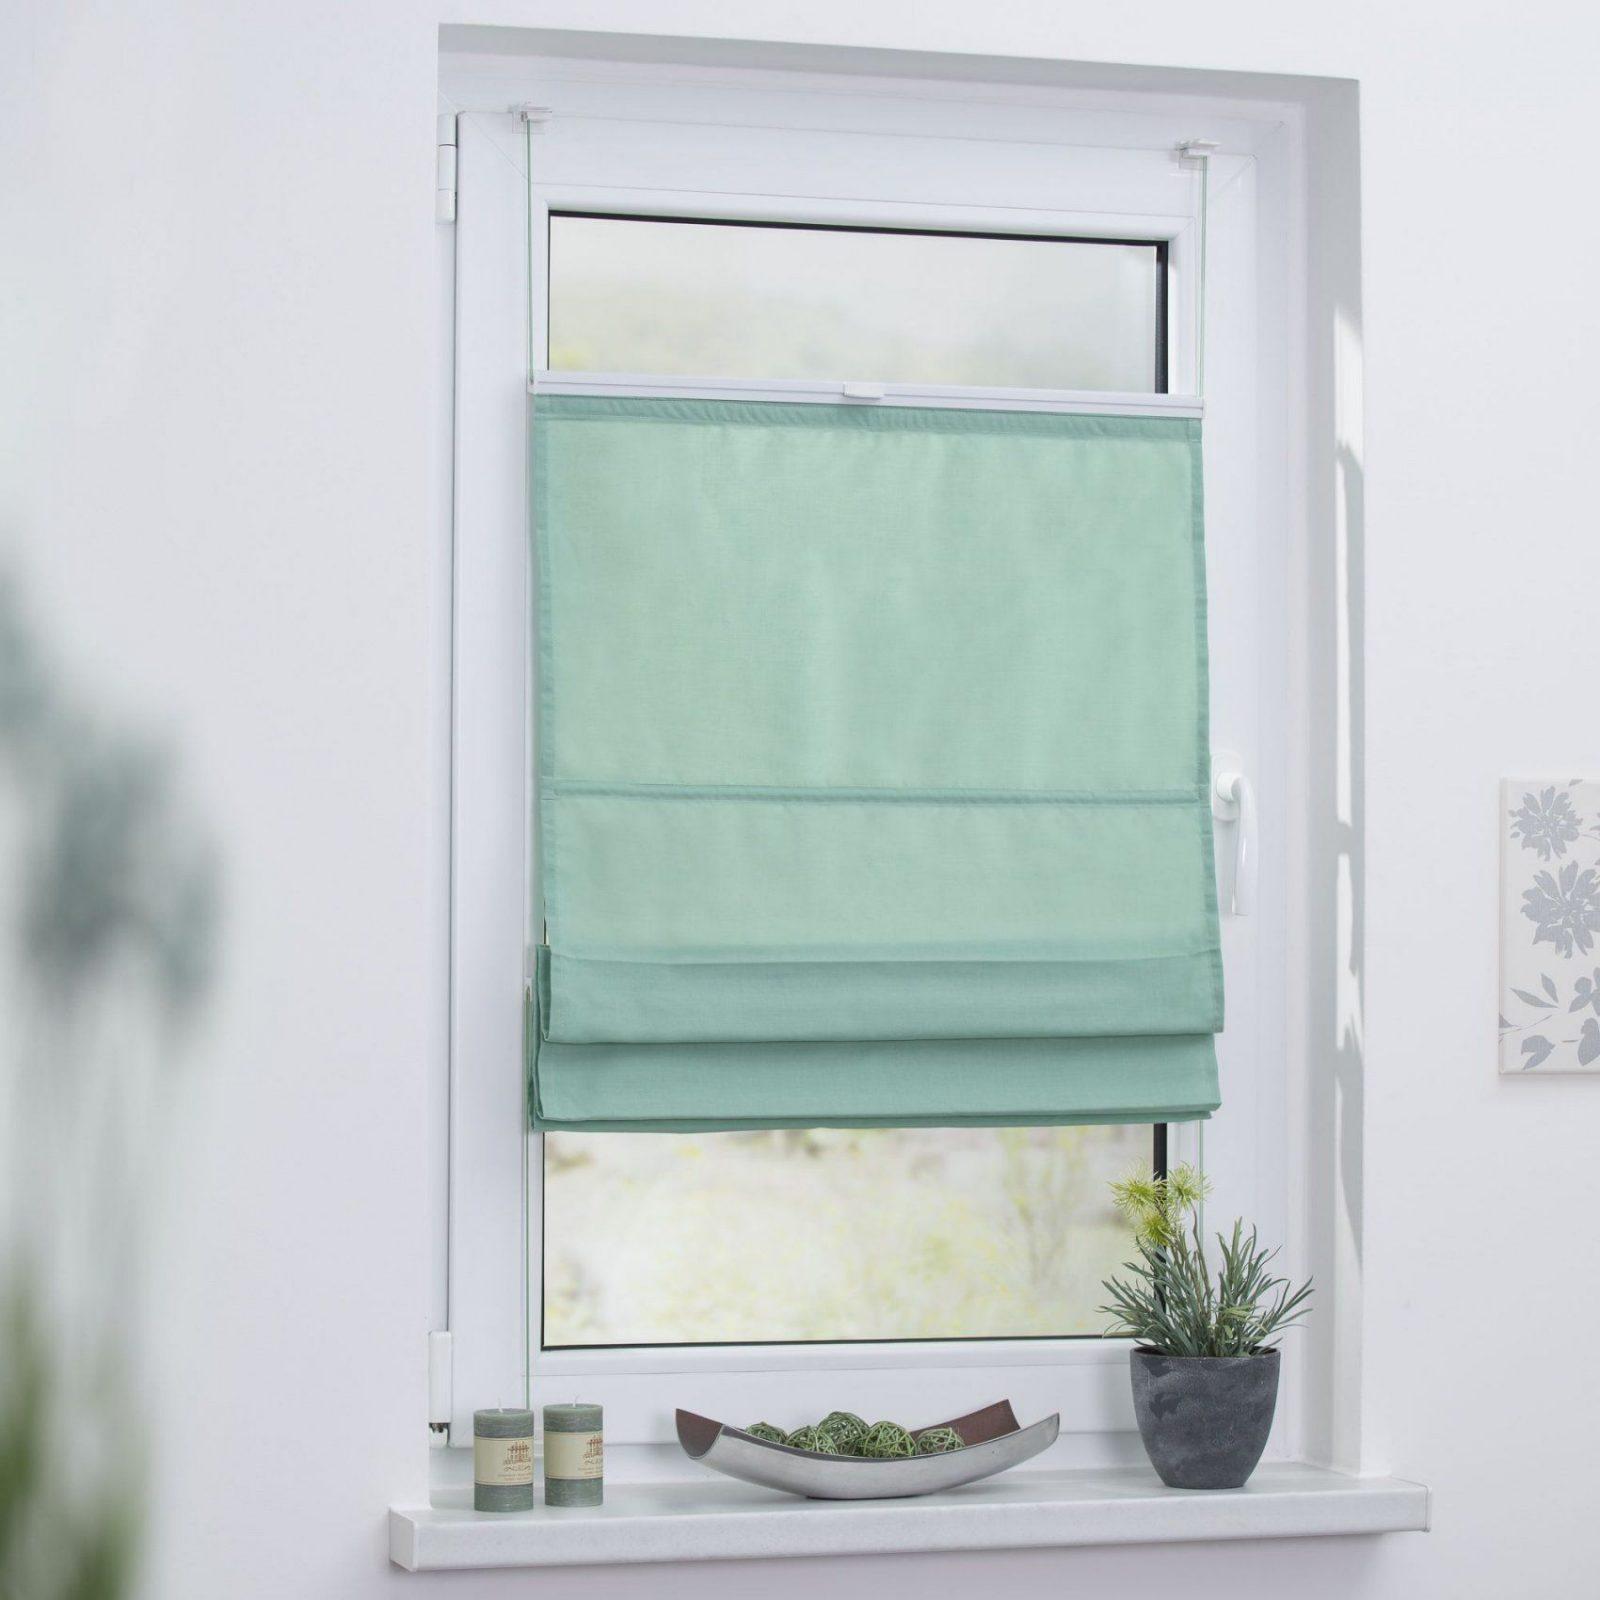 Pinbourg Kim On Hause  Pinterest  Window Haus And Interiors von Raffgardine 90 Cm Breit Bild